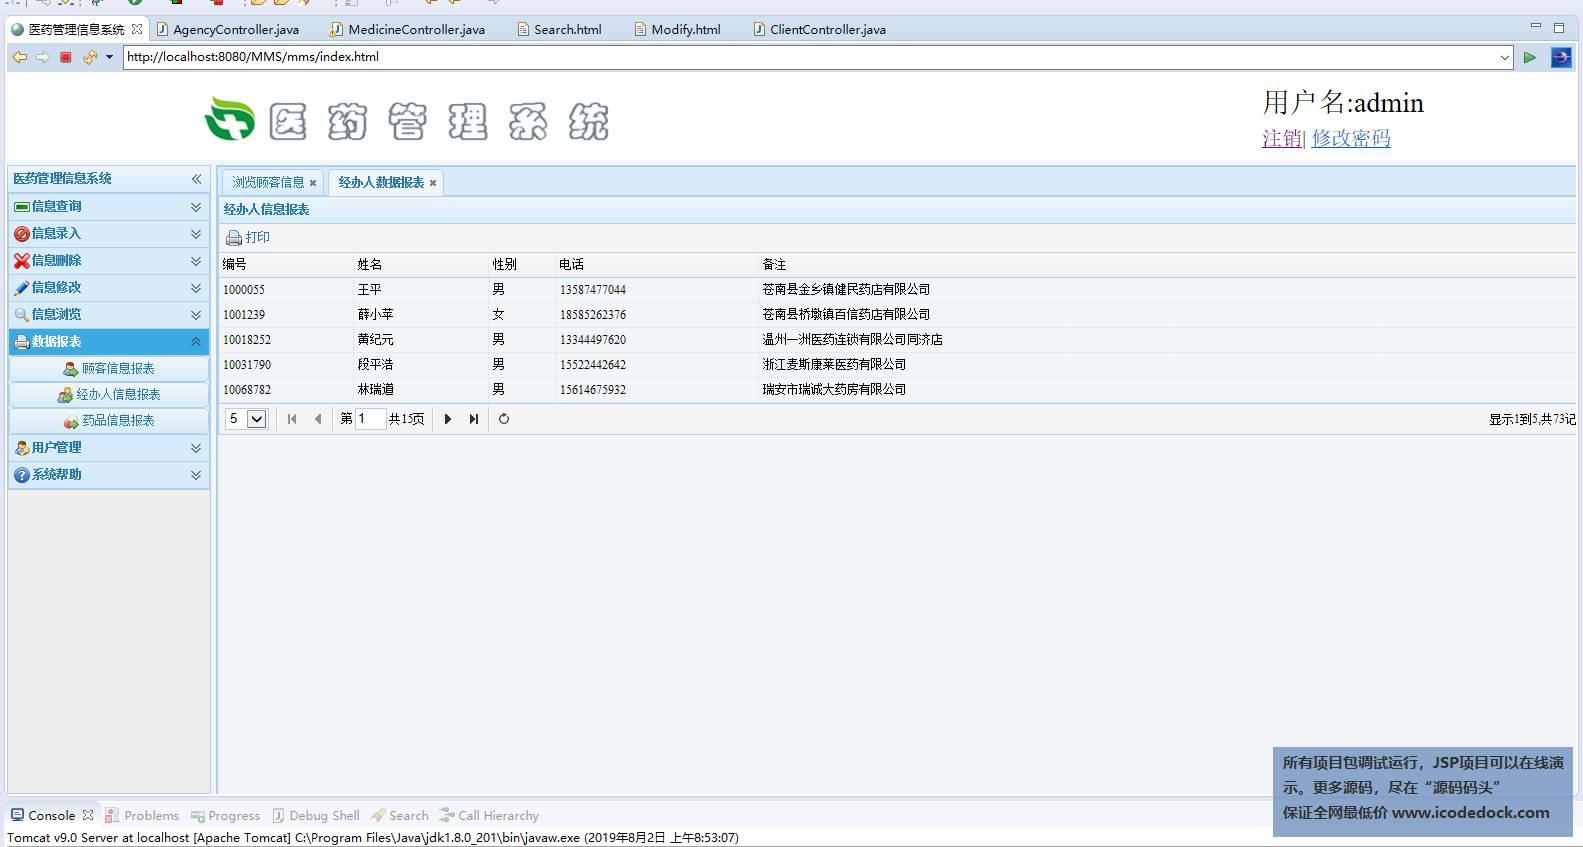 源码码头-SSM医药信息管理系统-管理员角色-打印报表